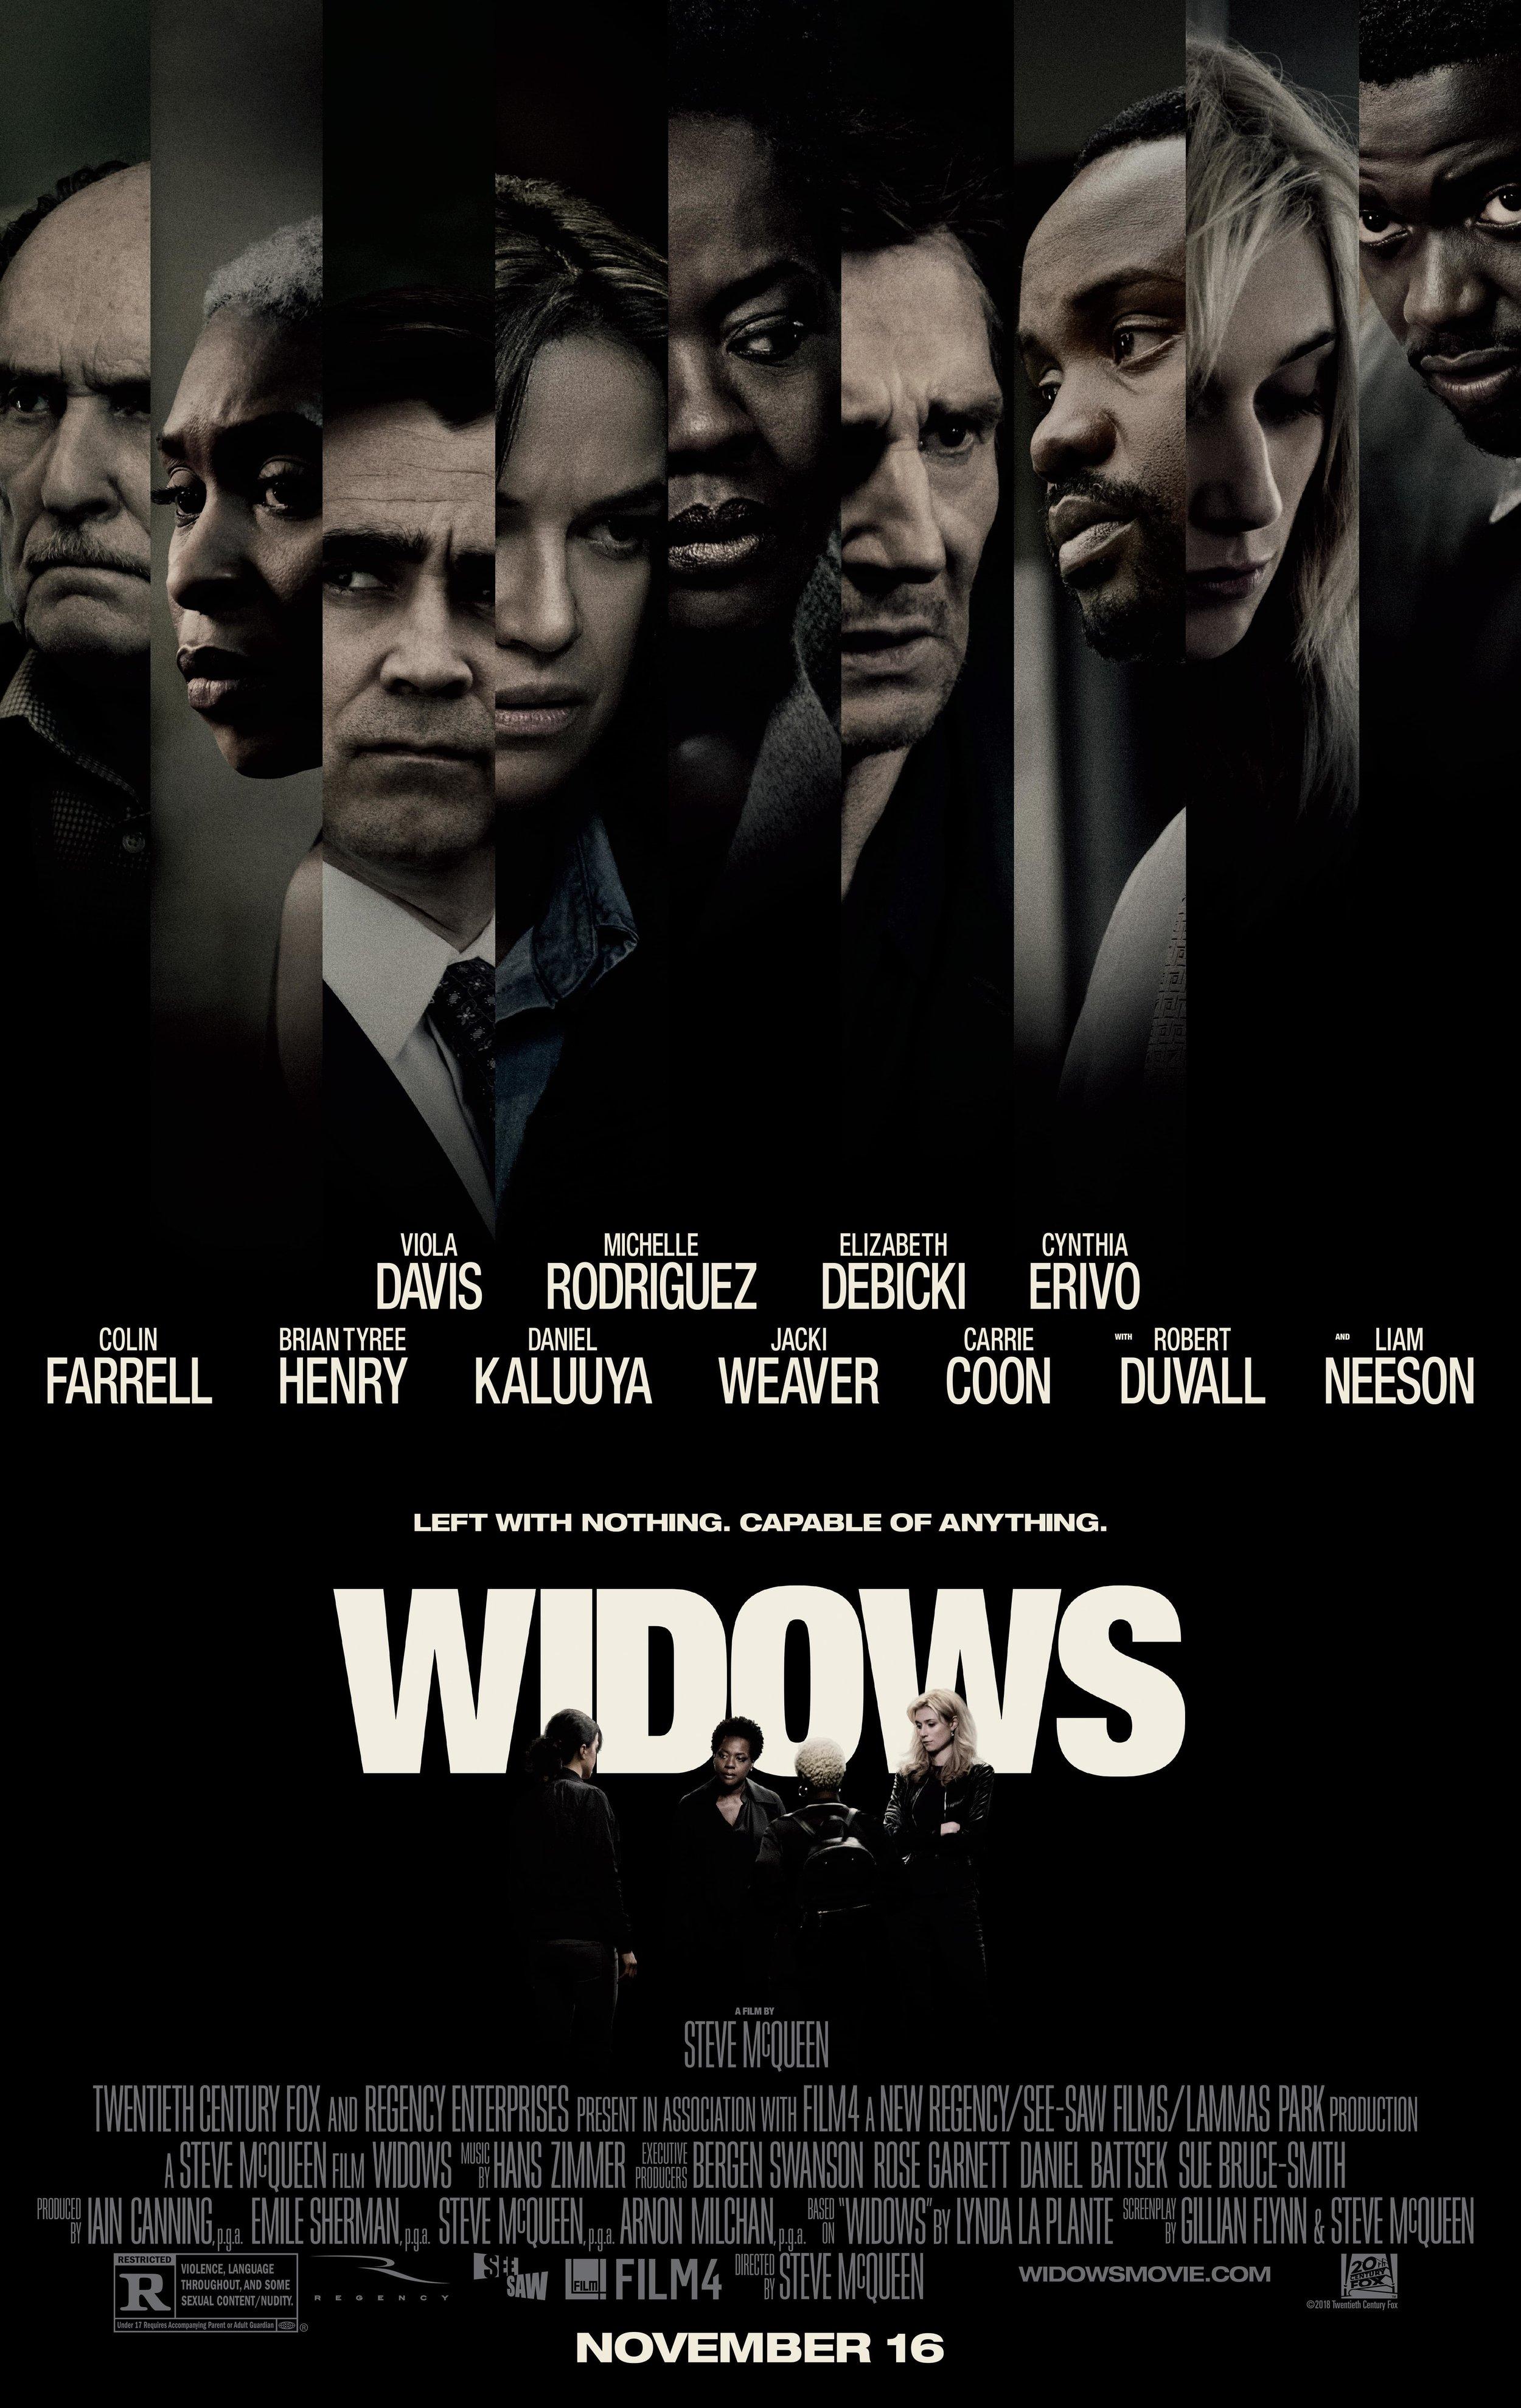 widows-WIDOWS_Ver_A_rgb-min.jpg